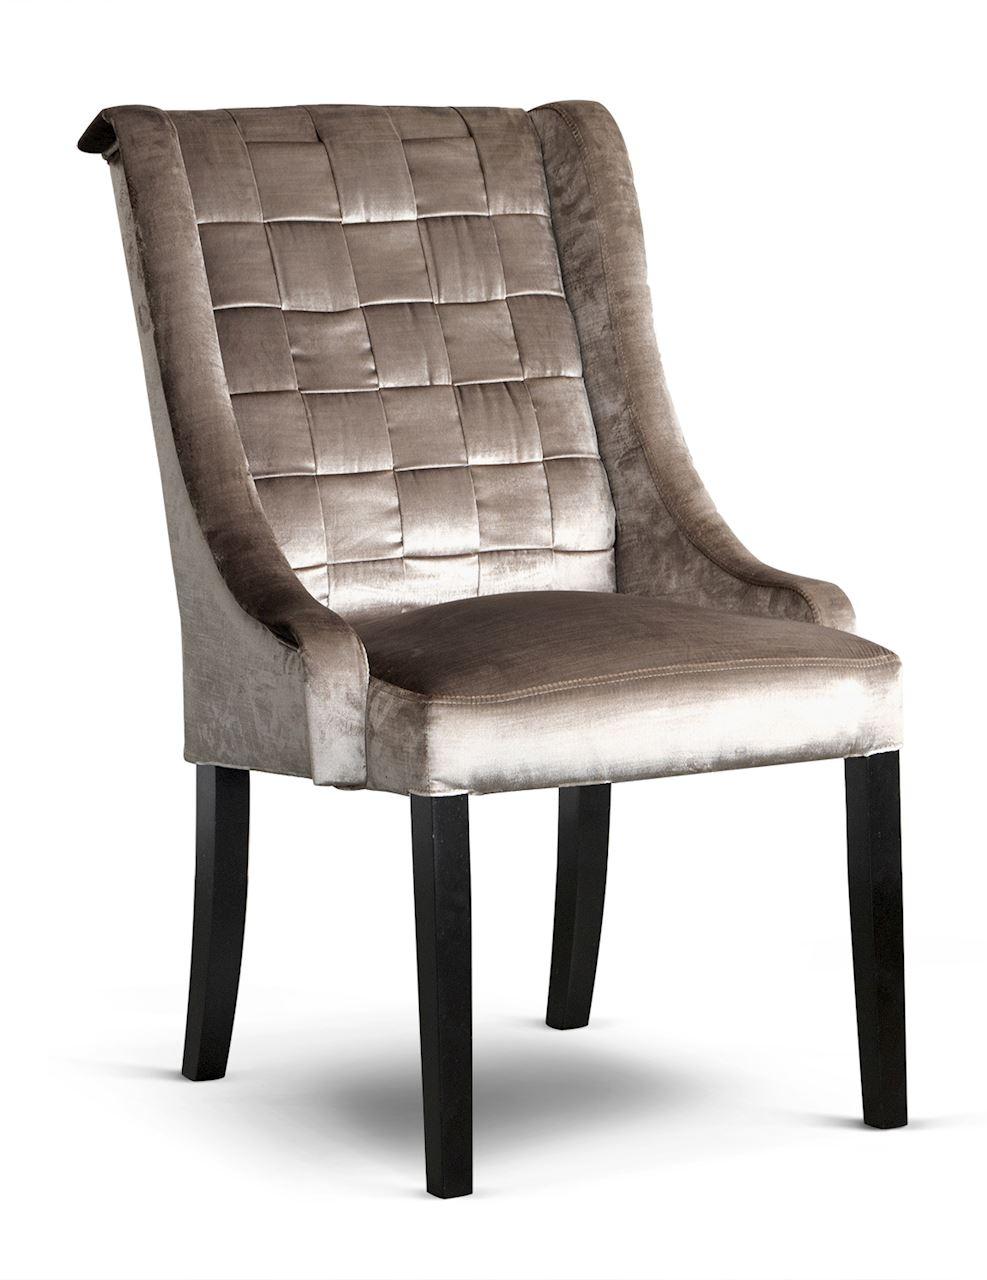 Scaun tapitat cu stofa, cu picioare din lemn Prince Glamour Argintiu / Negru, l55xA70xH105 cm